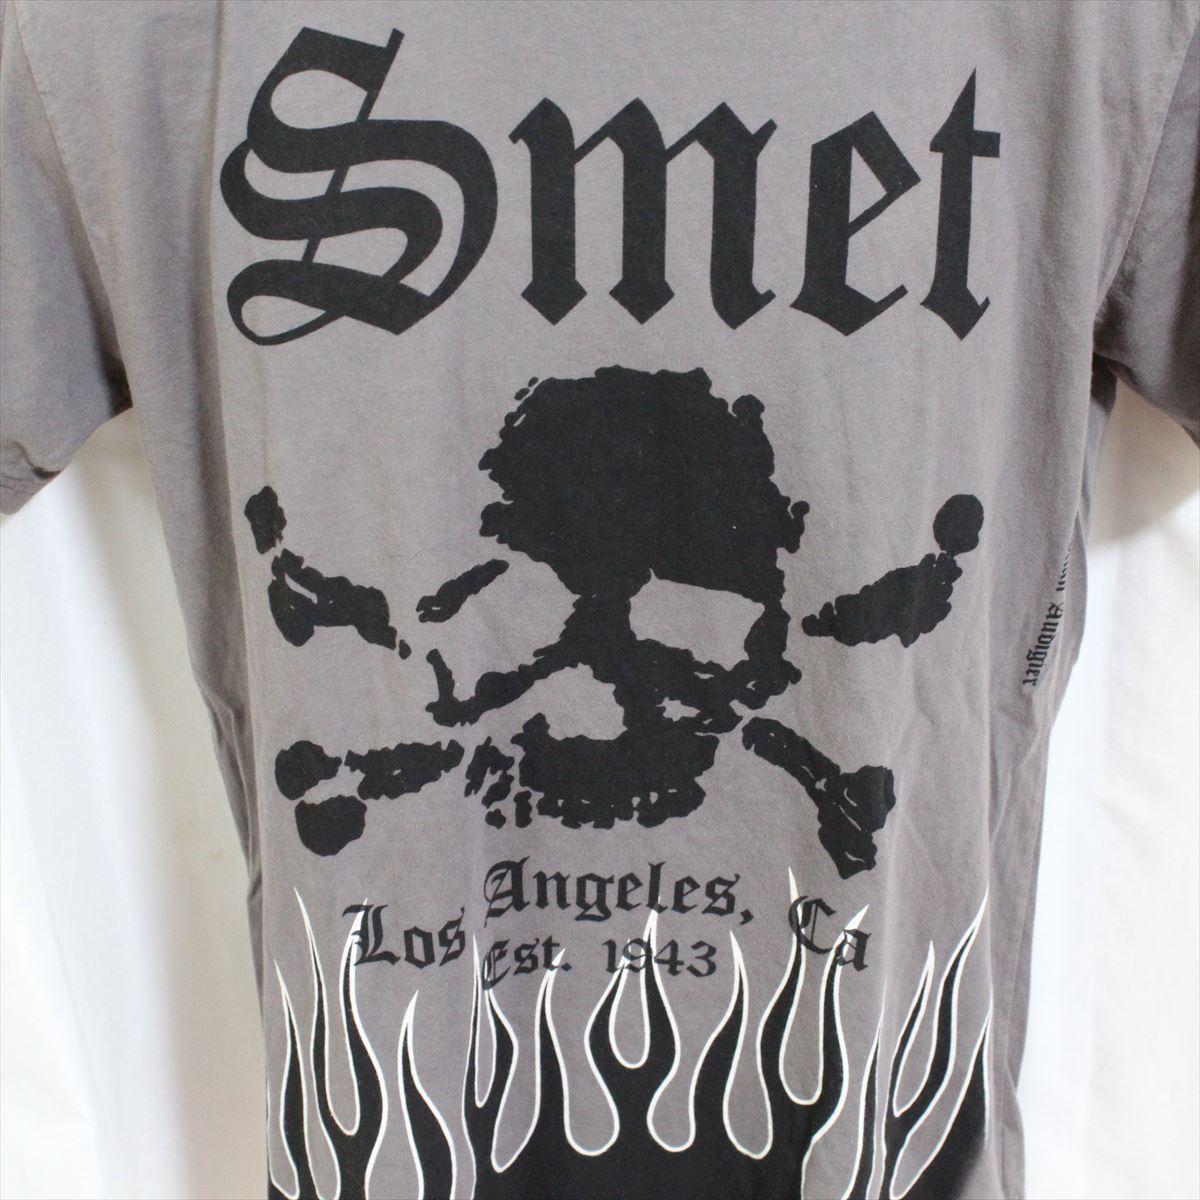 スメット SMET メンズ半袖Tシャツ グレー Sサイズ NO1 新品_画像2